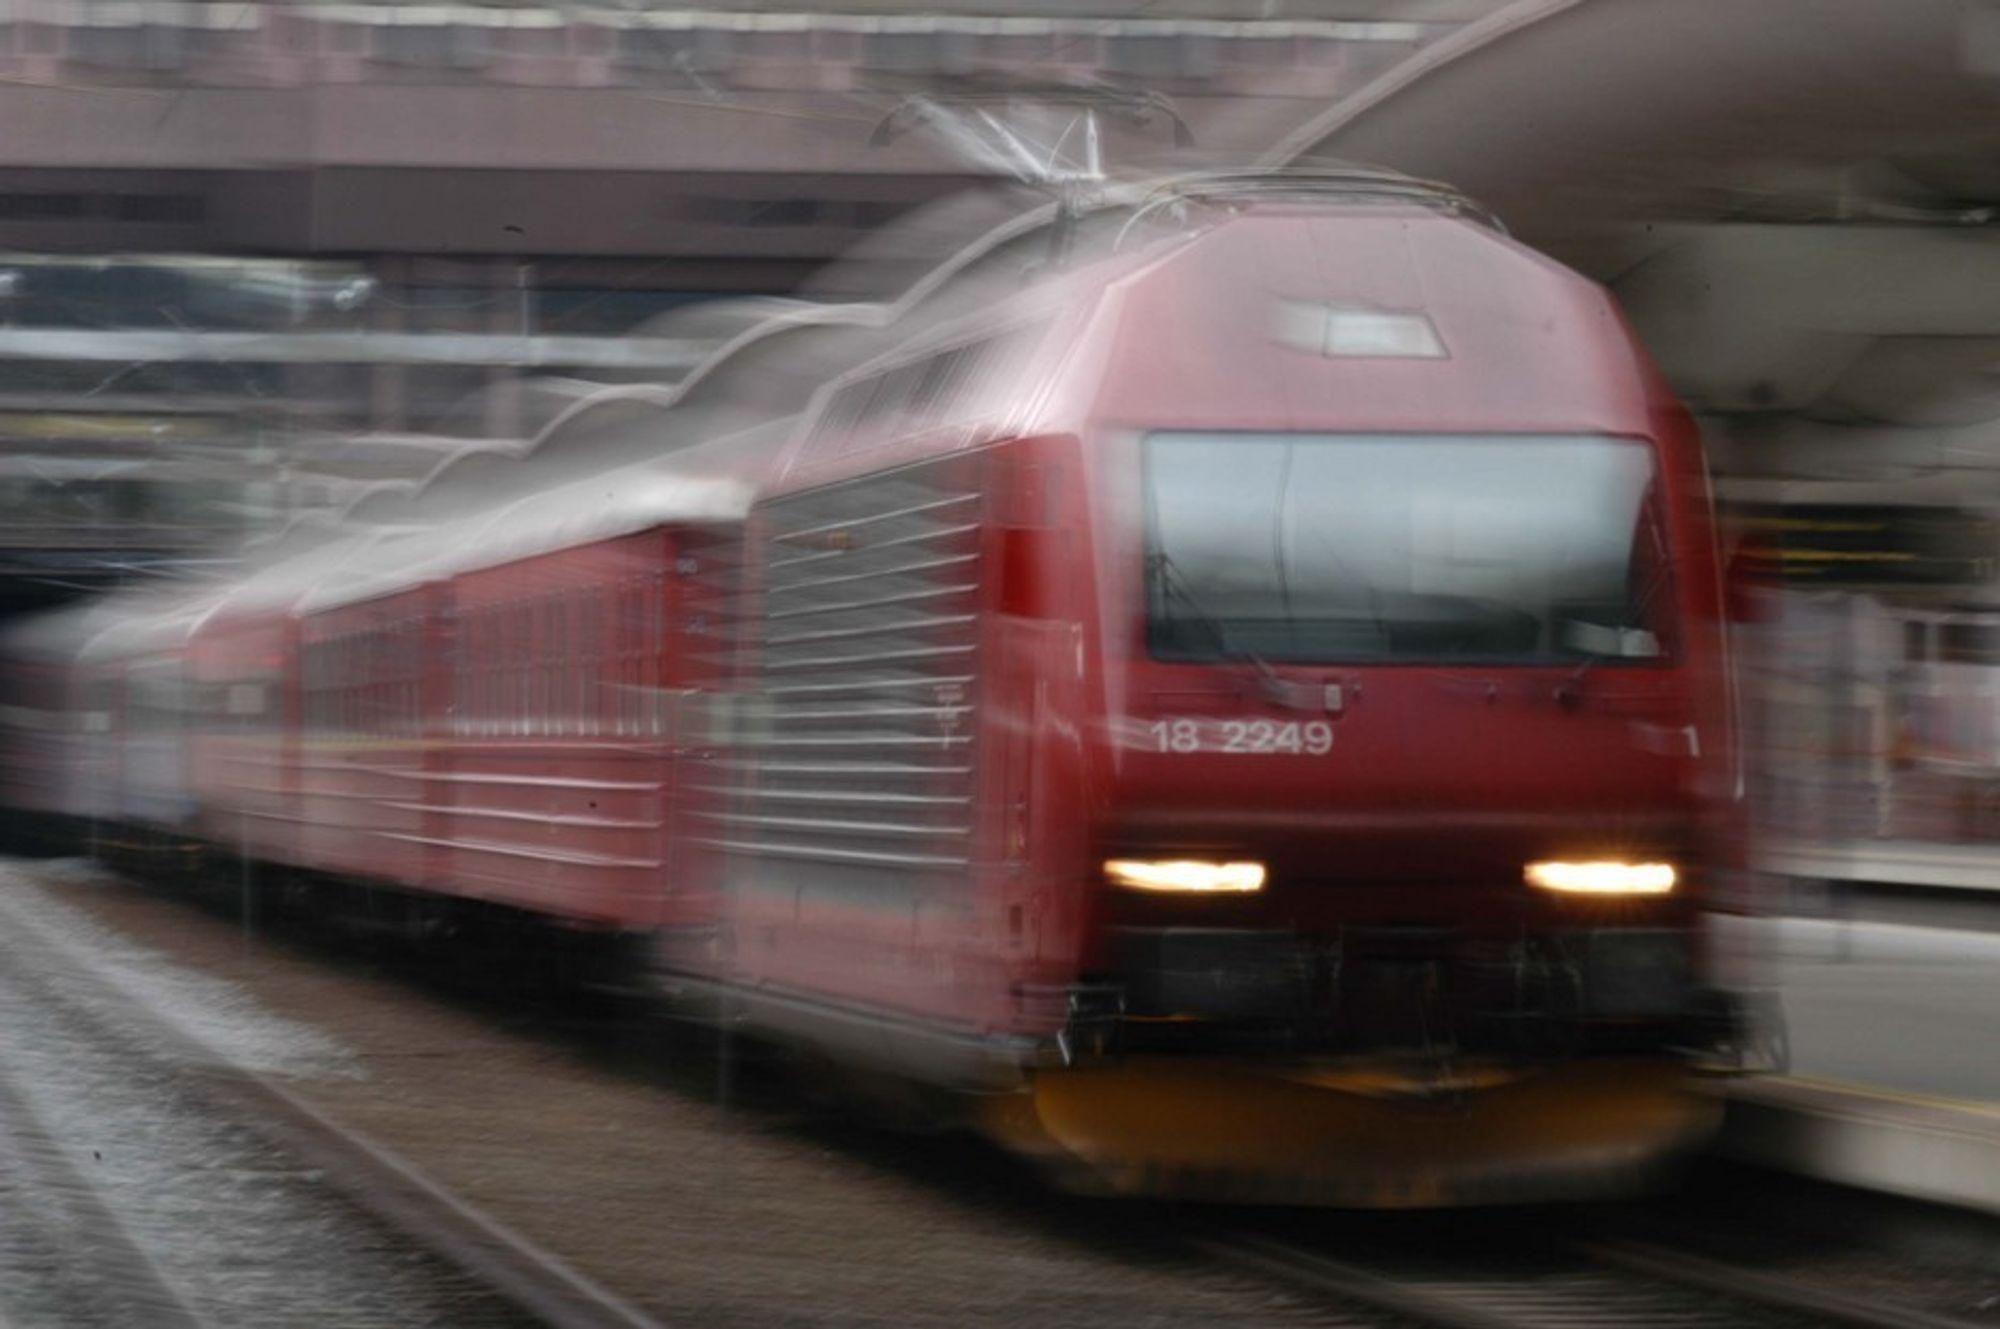 FINNER IKKE FEILEN: Noe hindrer togtrafikken mellom Oslo og Stavanger, men Jernbaneverket vet foreløpig ikke hva det er.